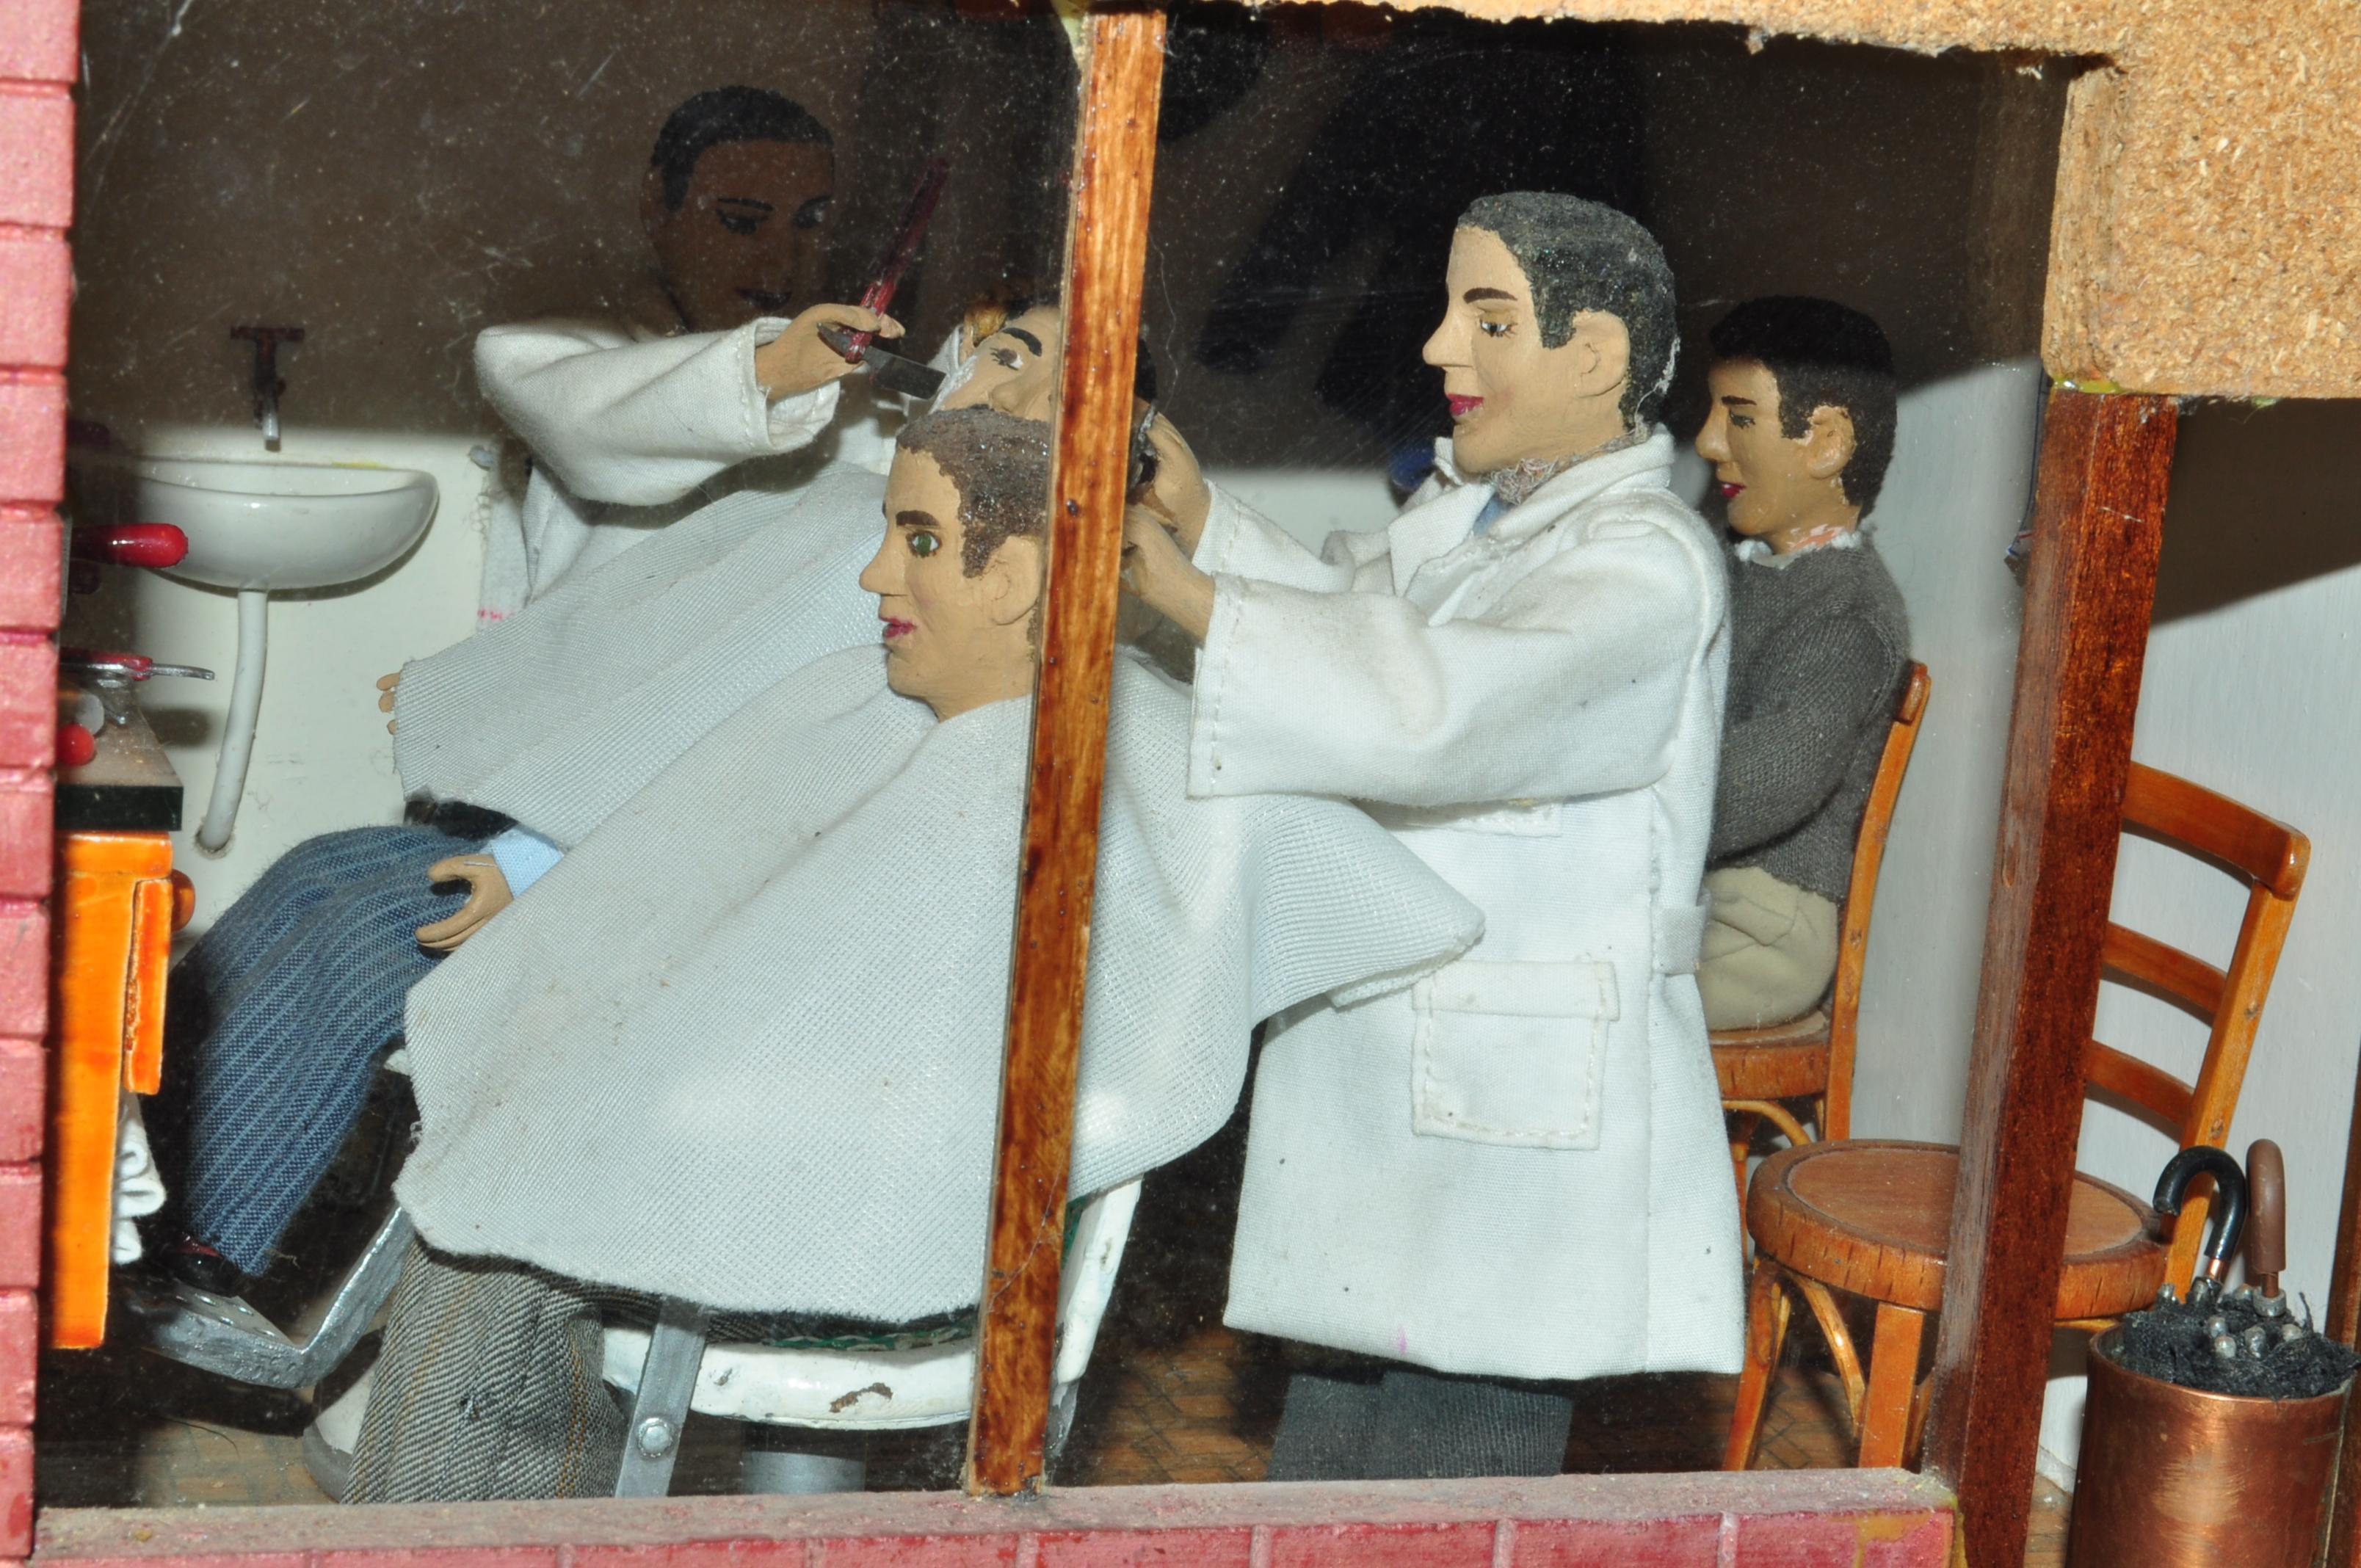 Cabañas Raras. La peluquería de caballeros a través de la ventana.